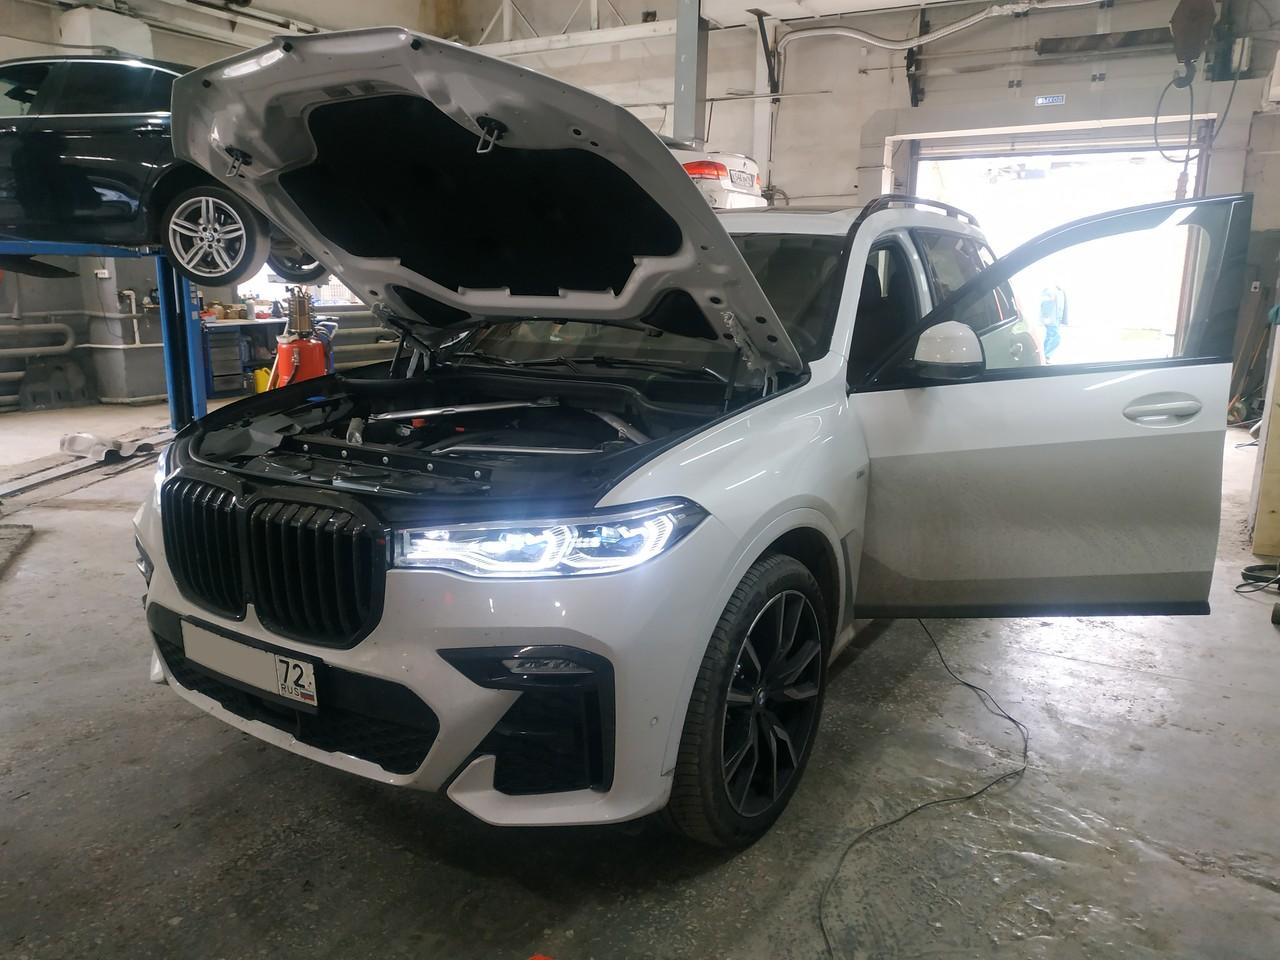 BMW X7 G07 30d, чип тюнинг